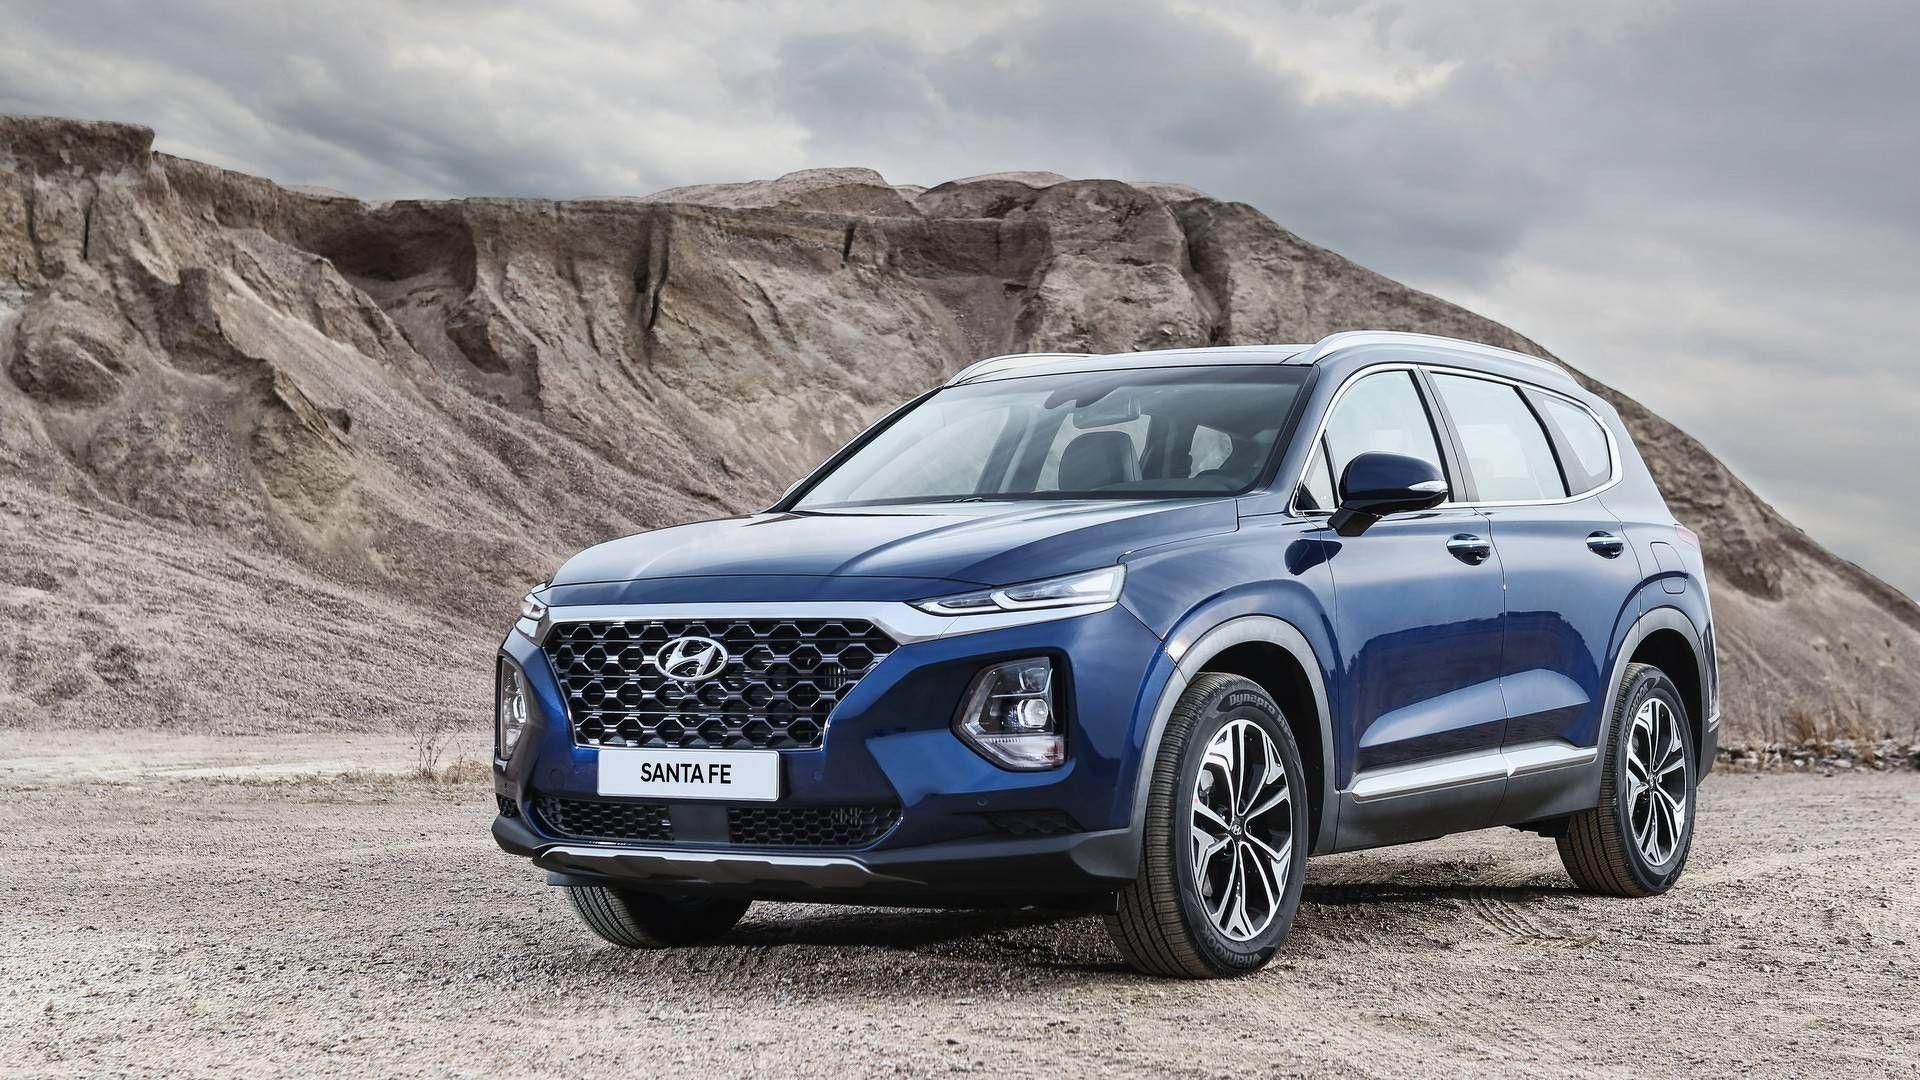 Nuova Hyundai Santa Fe: interni, motori, prezzi del SUV a ...